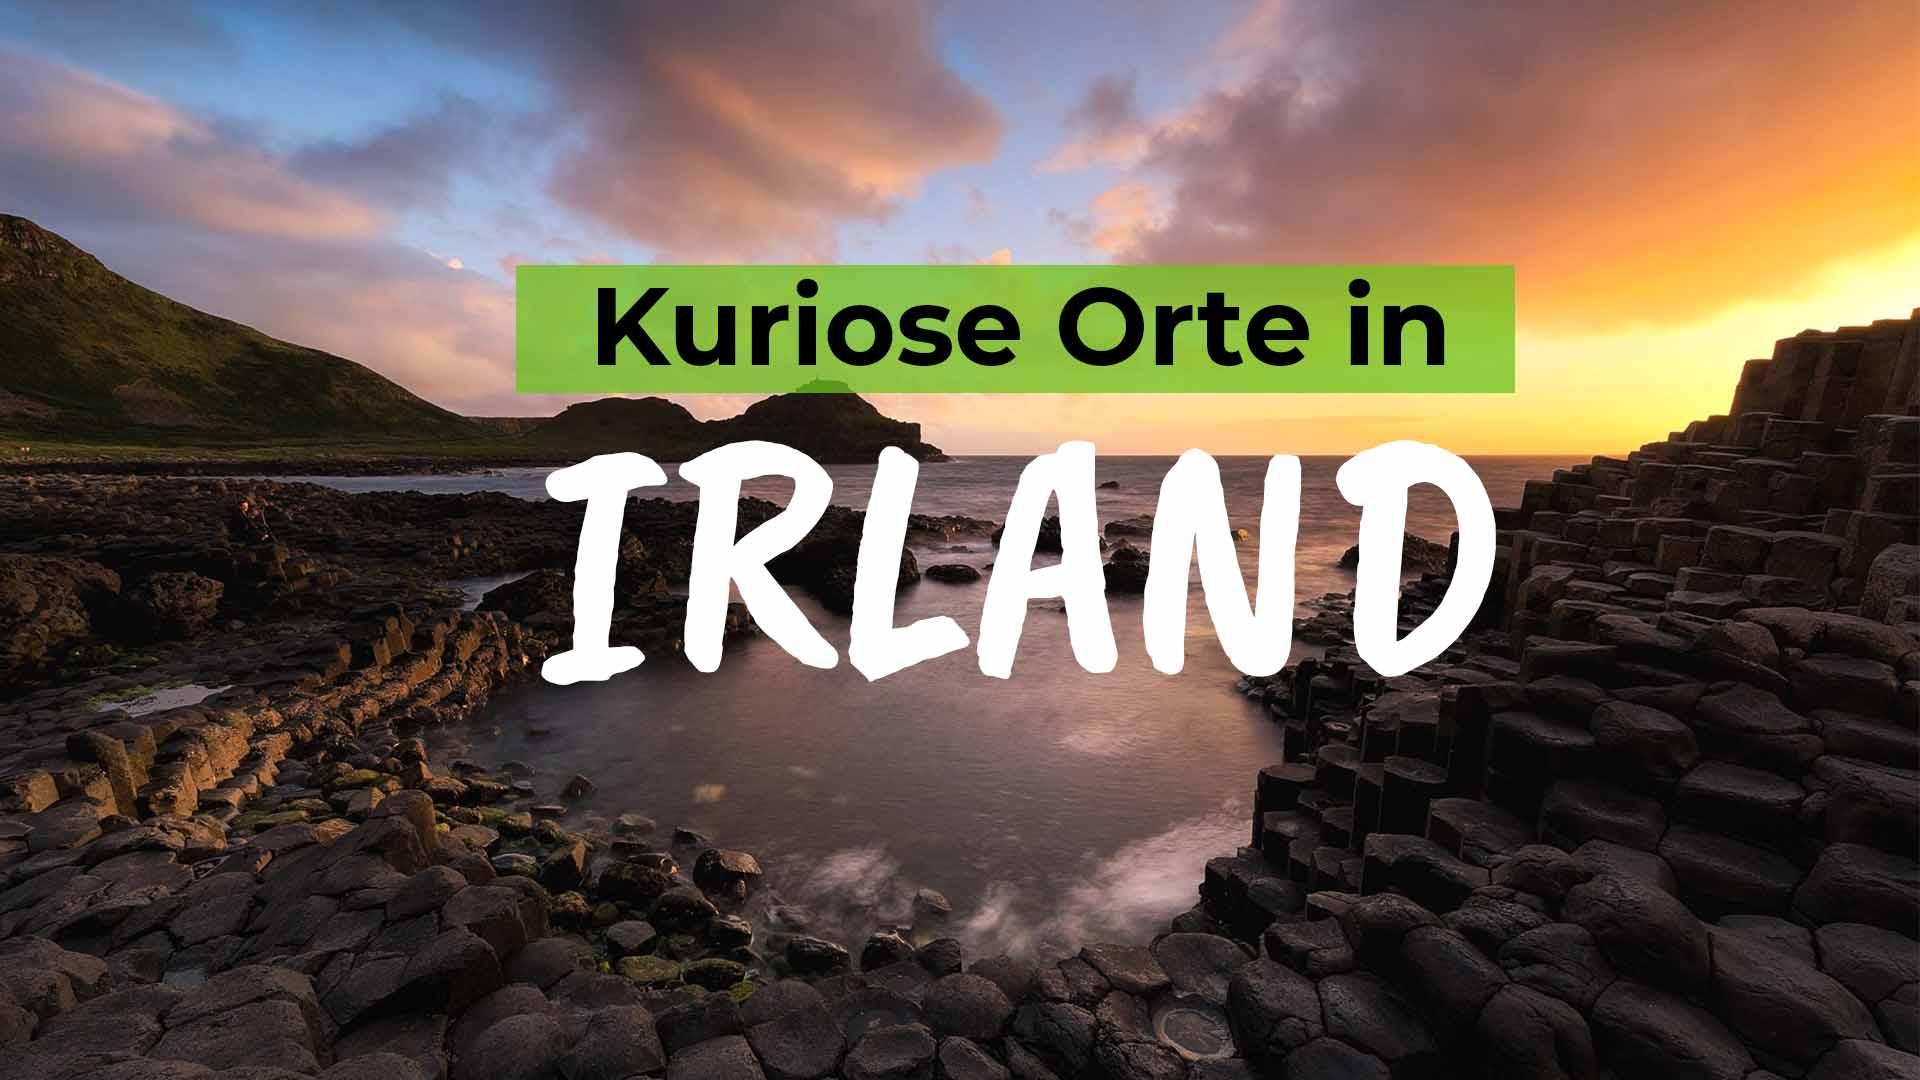 3 kuriose Orte in Irland, die du gesehen haben solltest - COVER